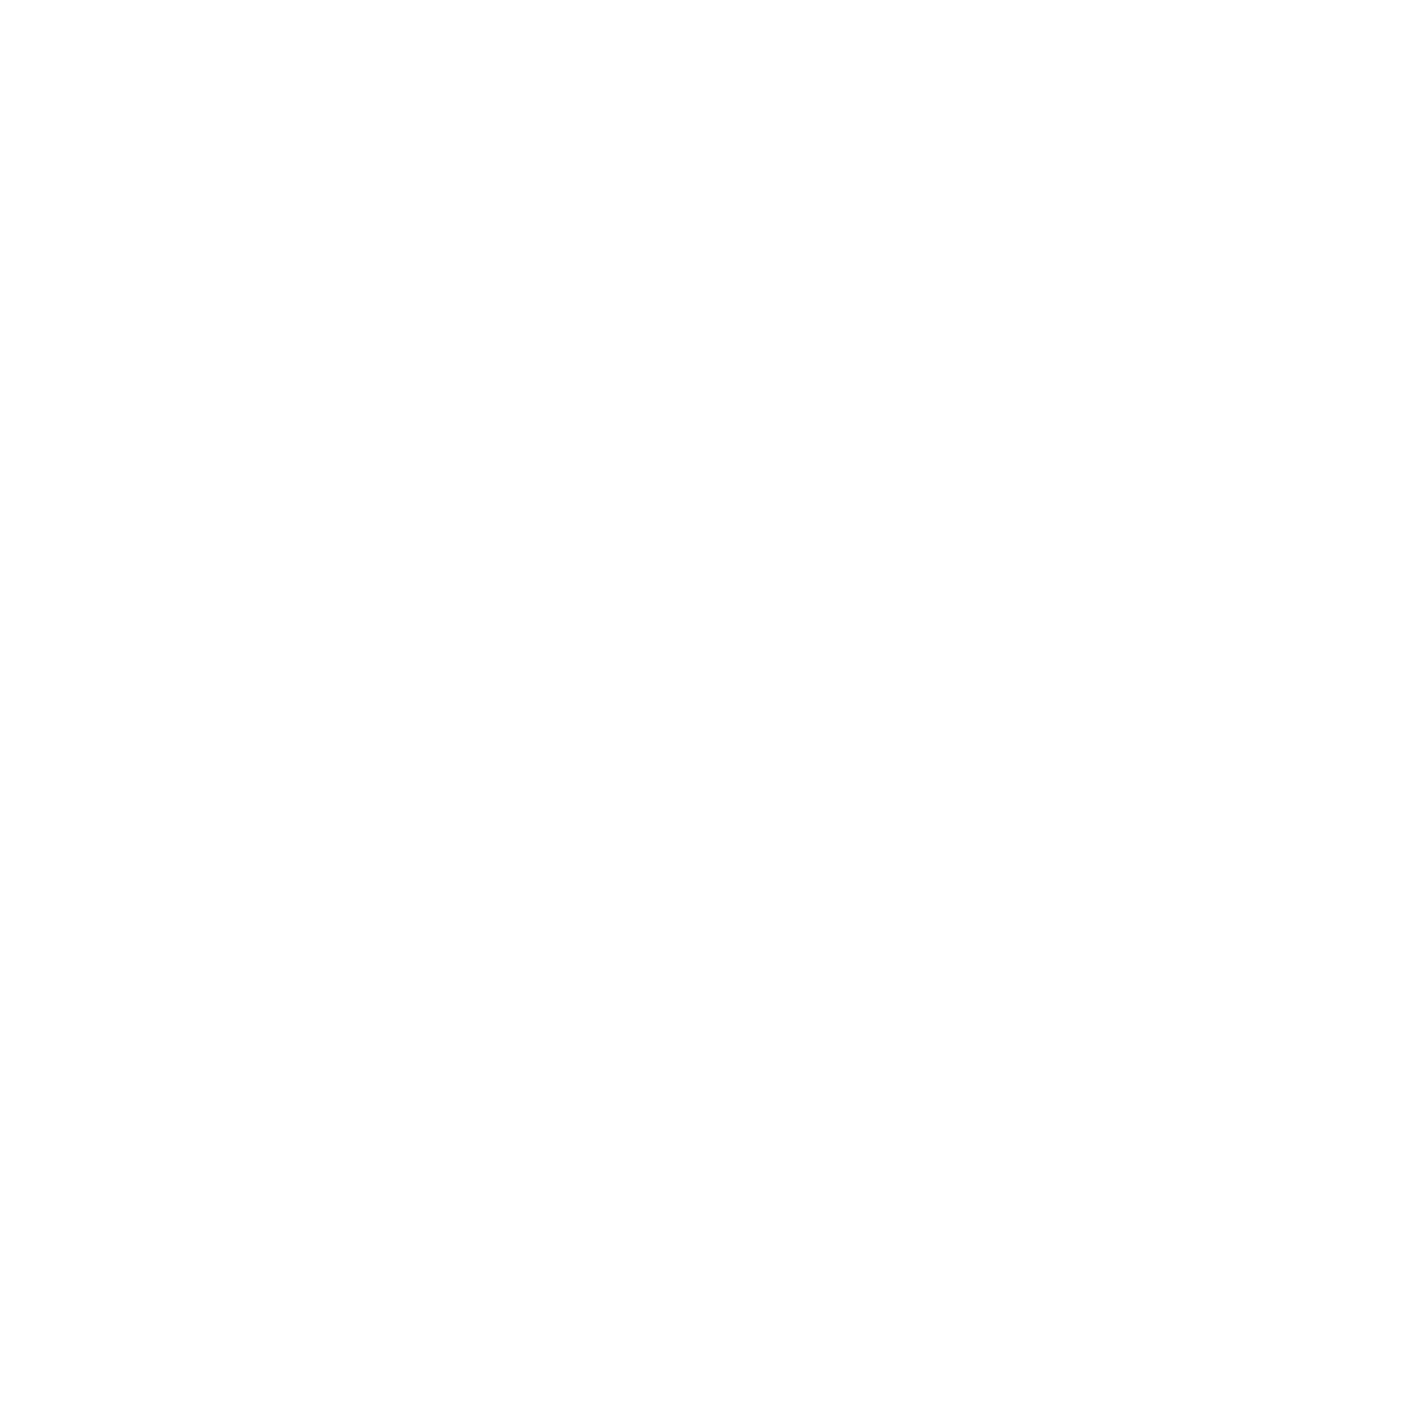 گروه مهاجرتی و مترجم آریان